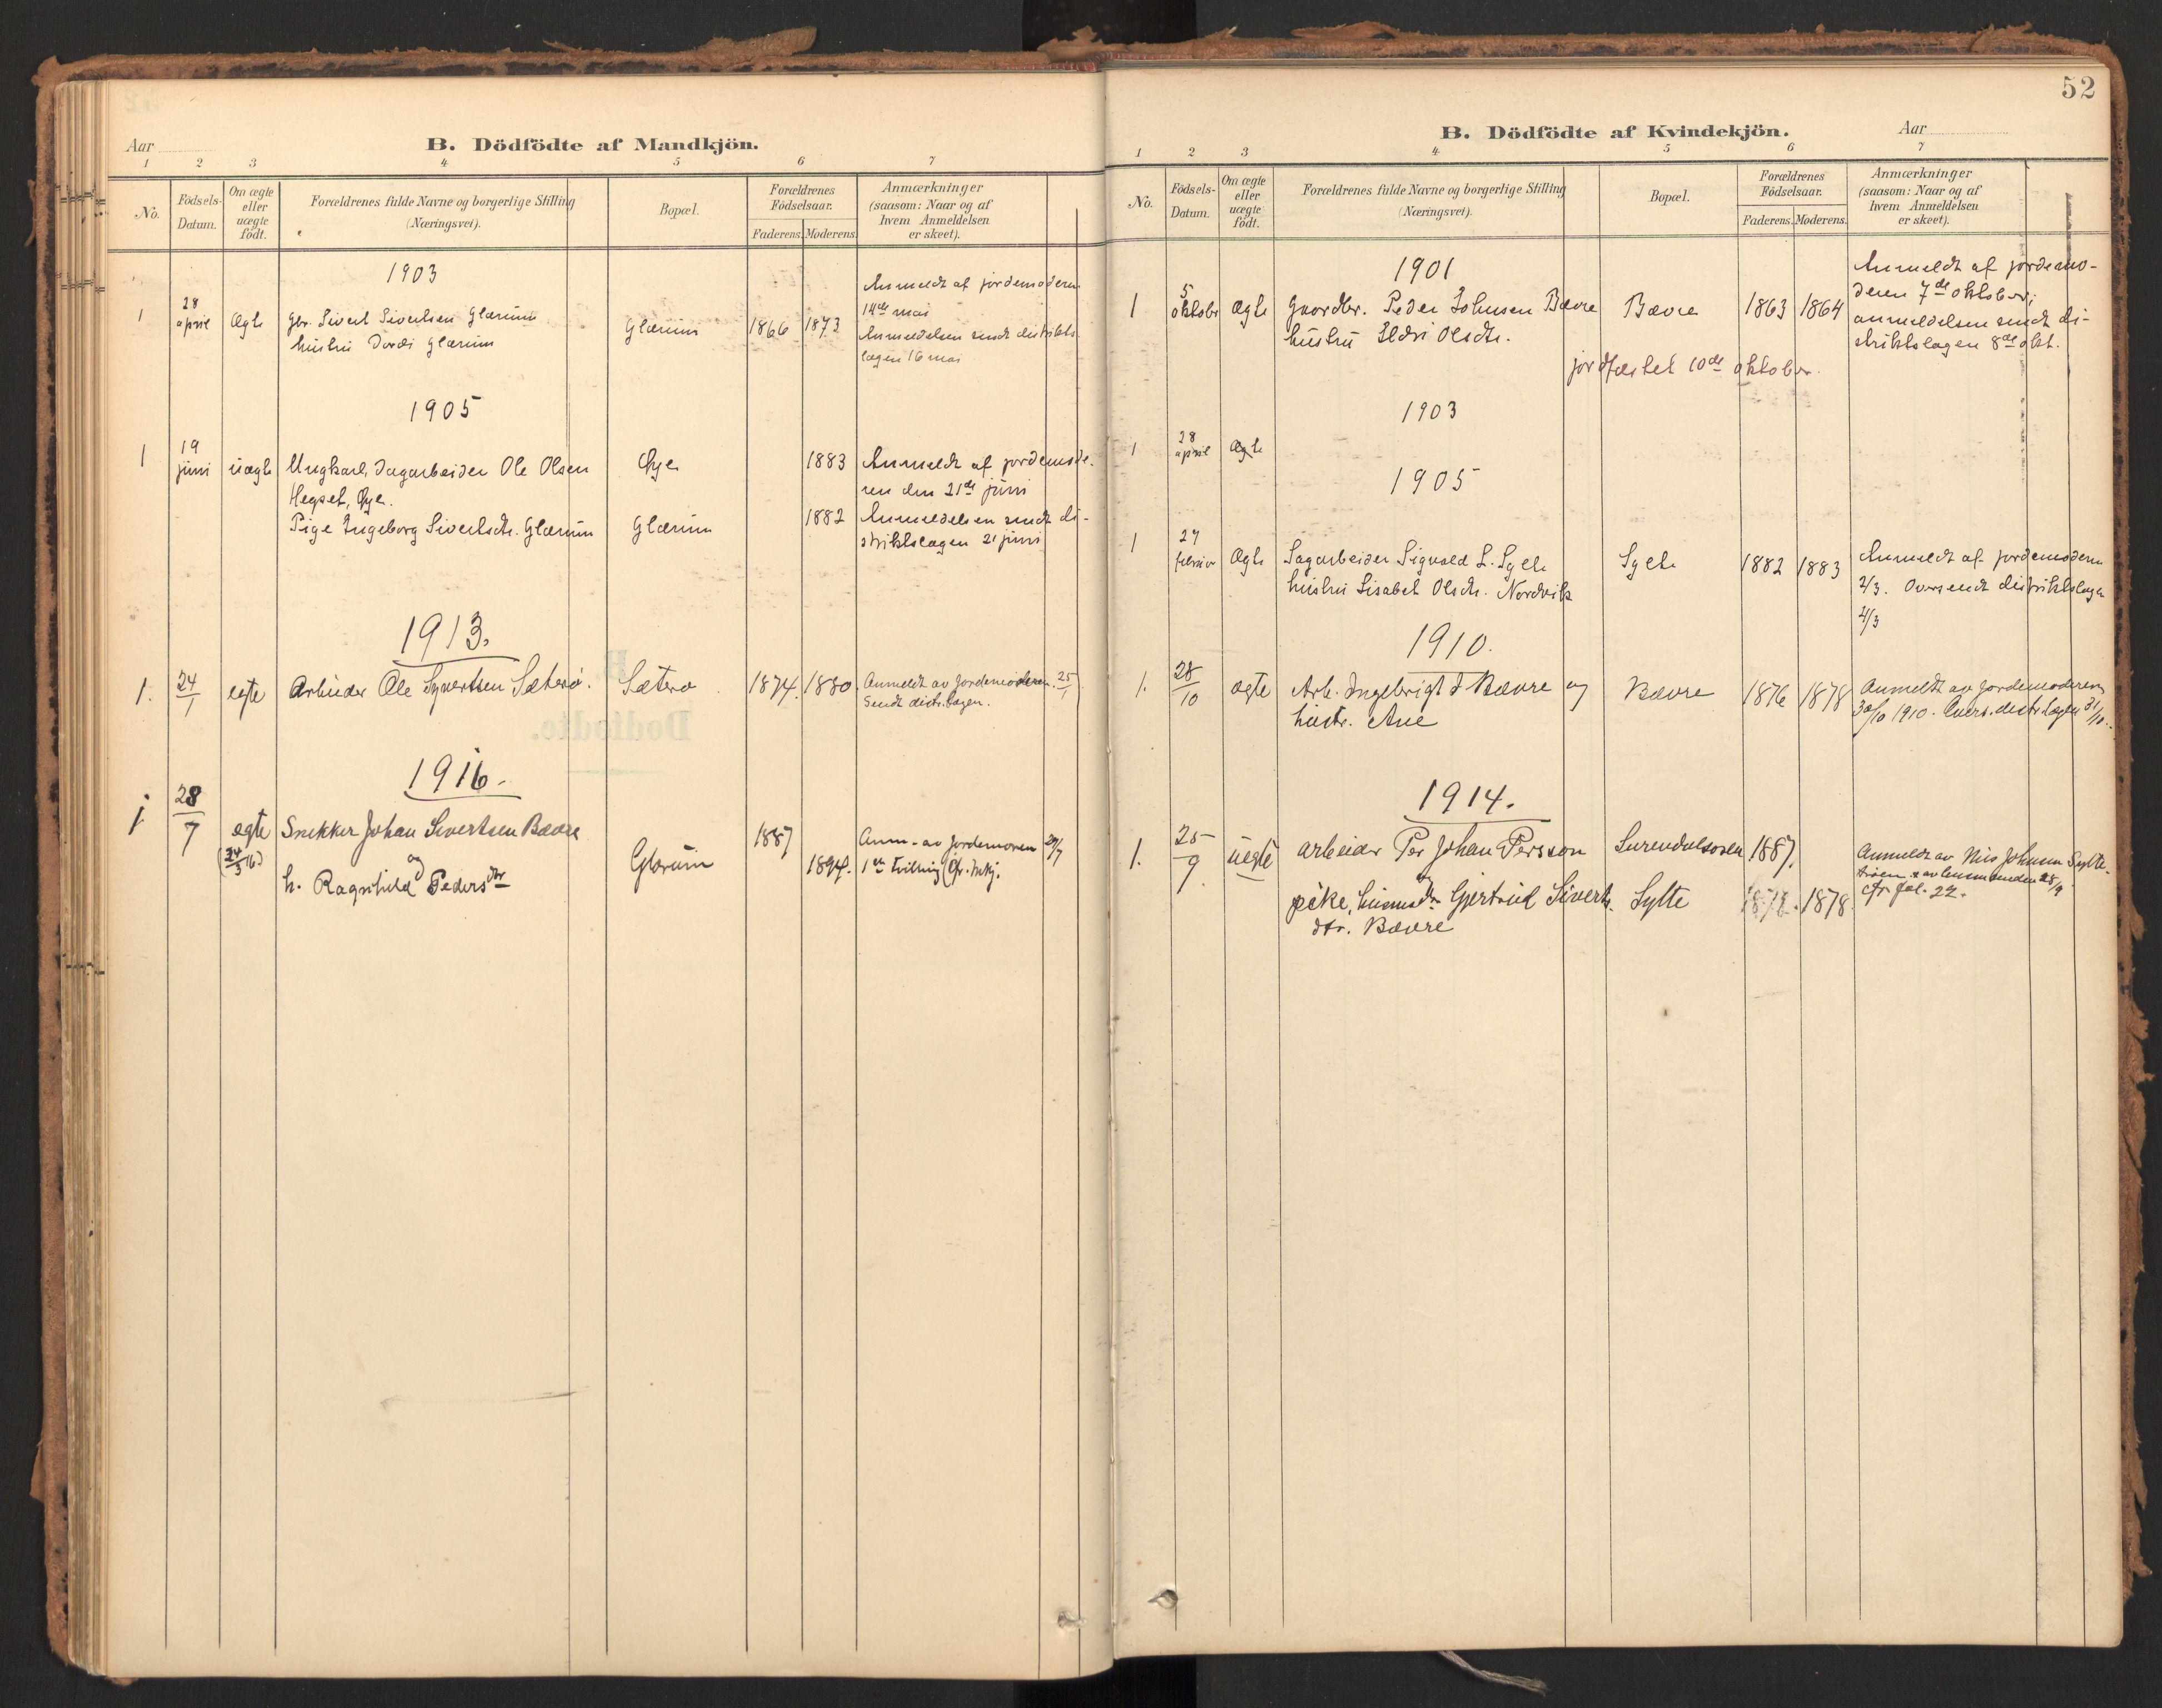 SAT, Ministerialprotokoller, klokkerbøker og fødselsregistre - Møre og Romsdal, 595/L1048: Ministerialbok nr. 595A10, 1900-1917, s. 52